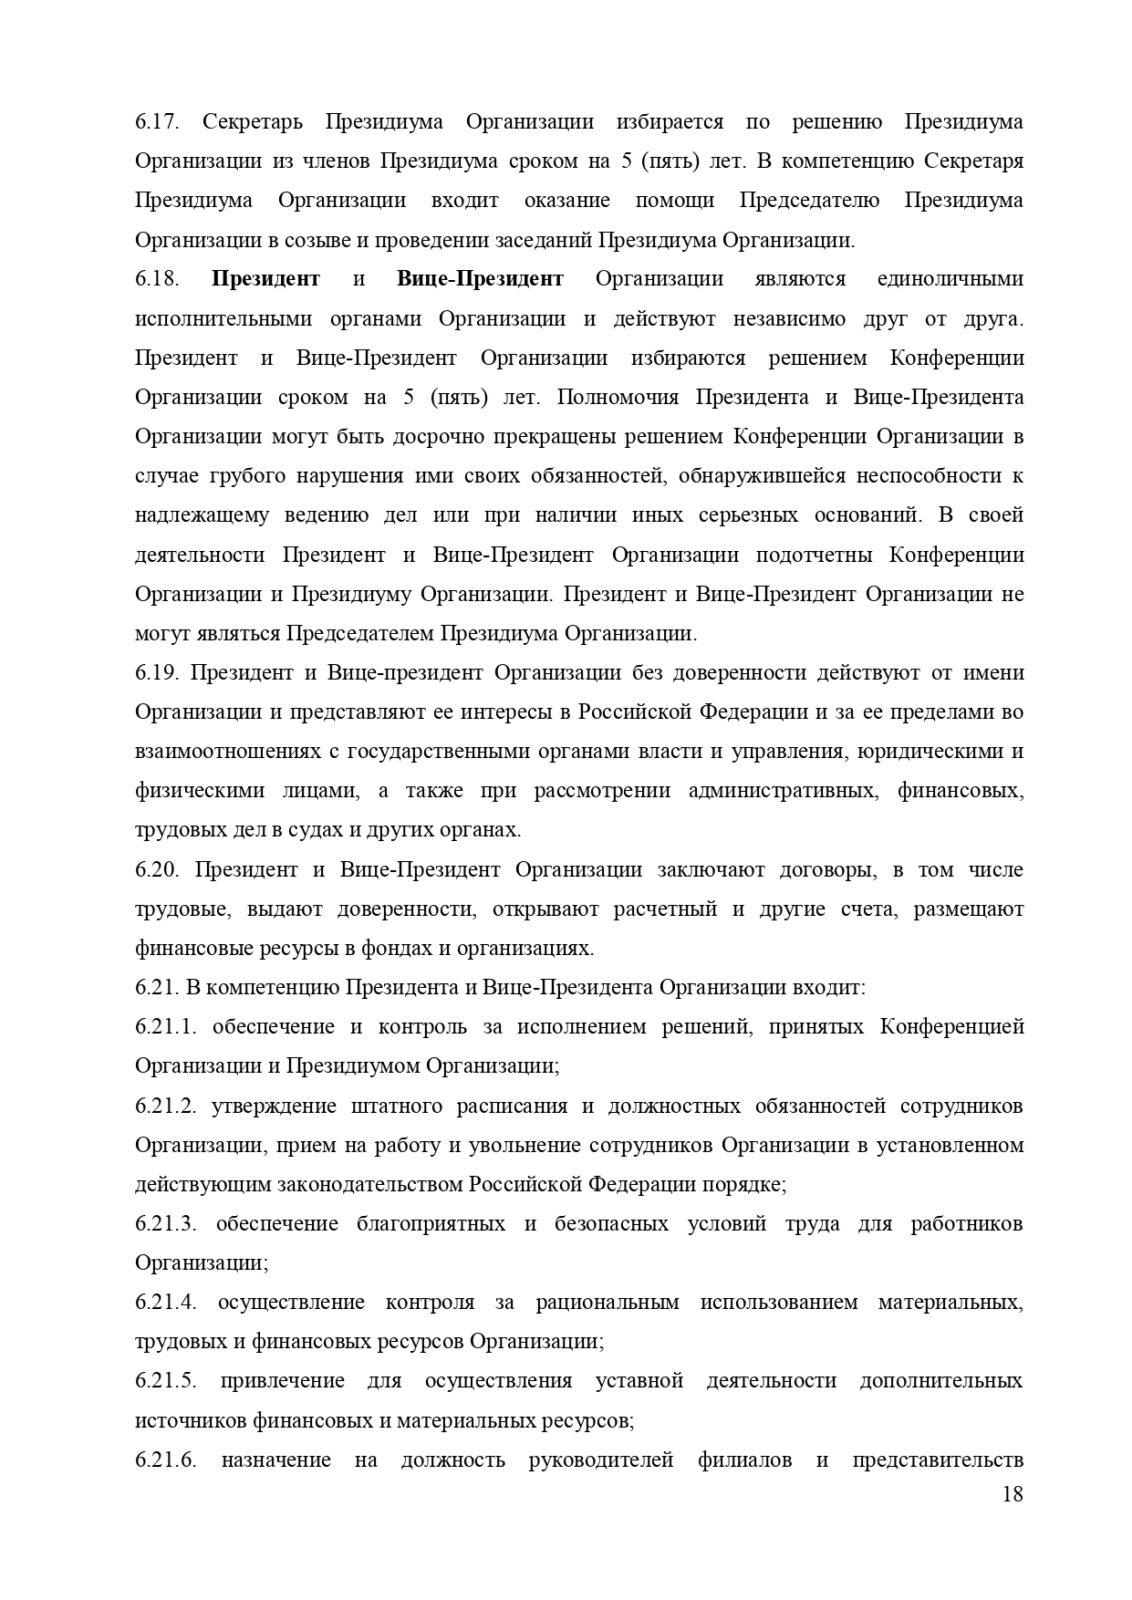 ustav_GKR_page-0018